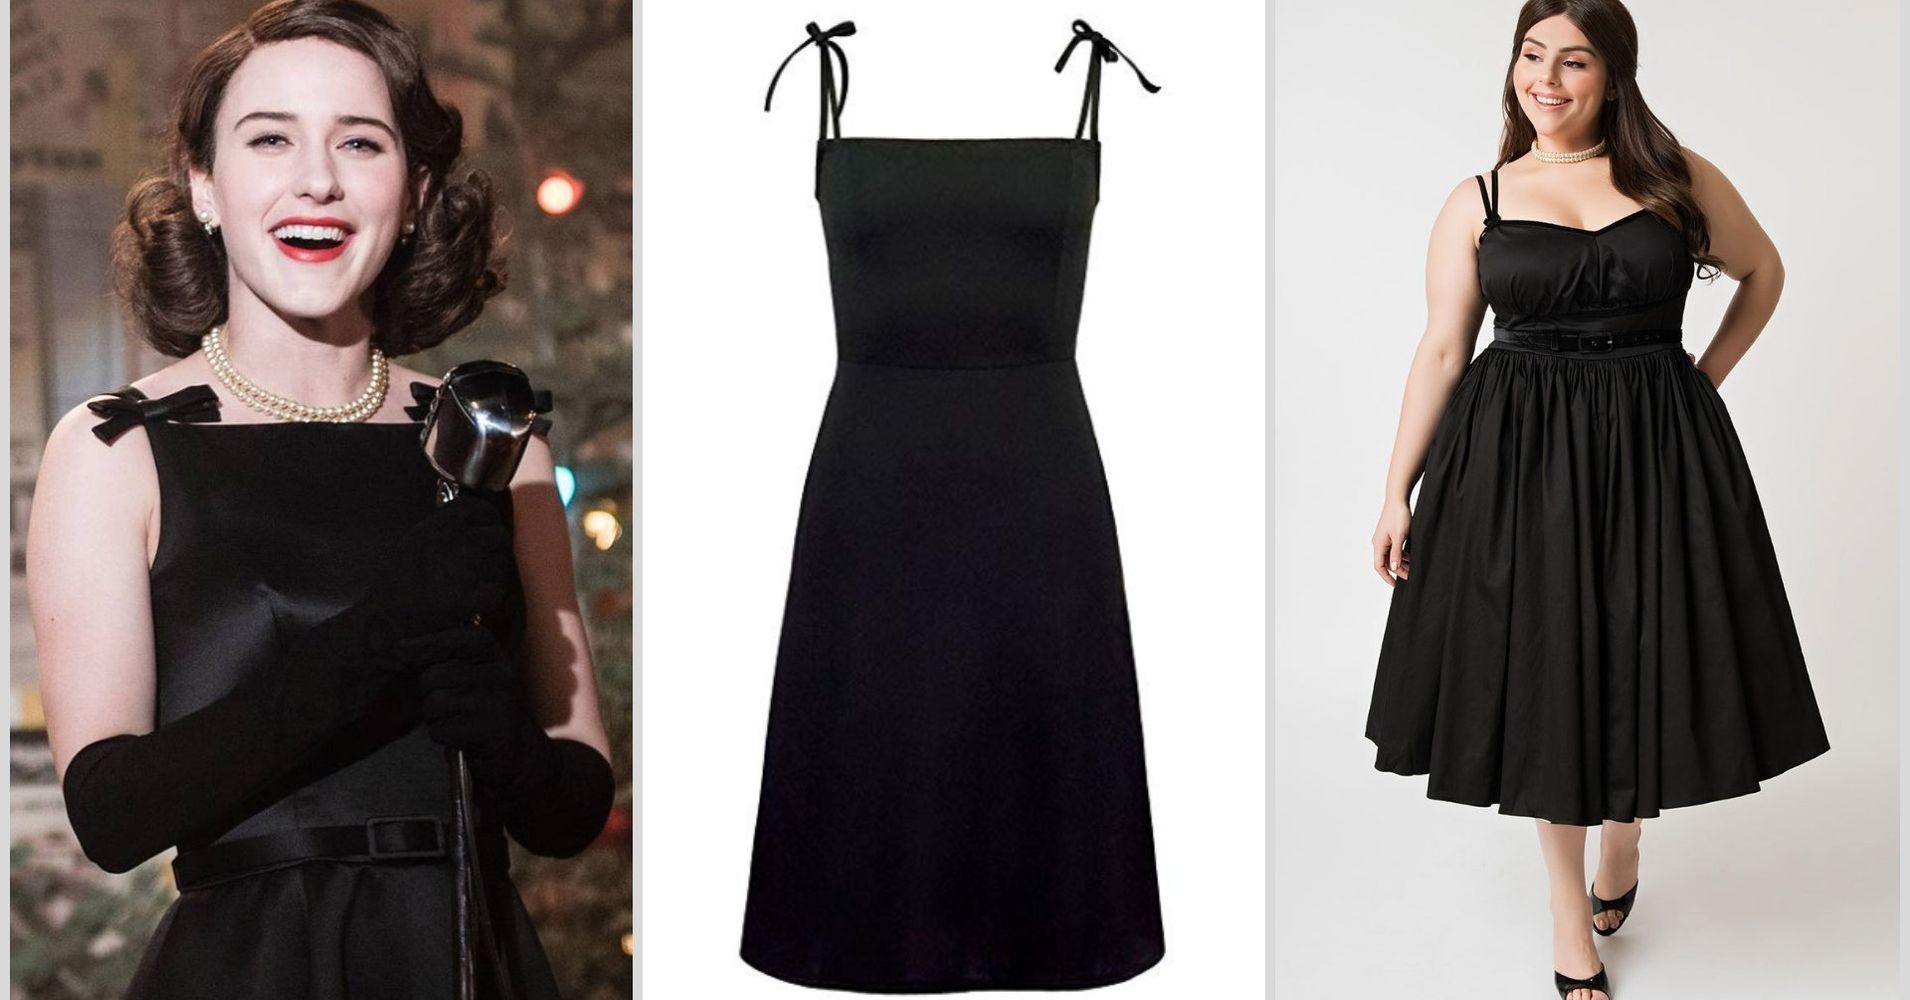 e5e56e45666eac How To Dress Like  The Marvelous Mrs. Maisel